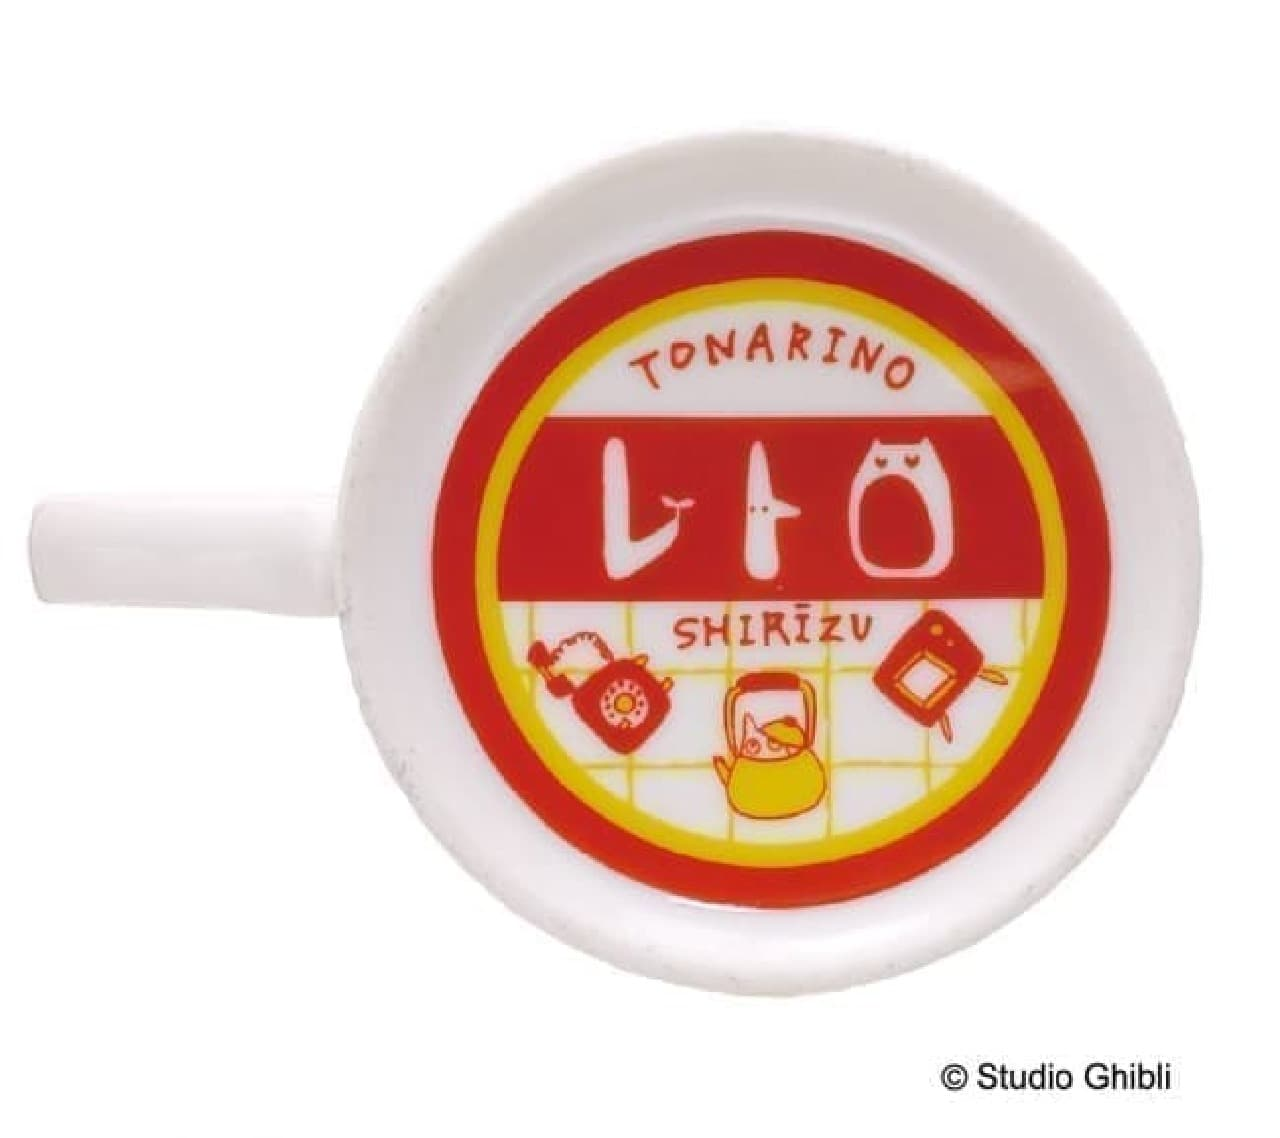 【昭和風】となりのトトロをレトロ可愛く♪ちゃぶ台や黒電話も描いたポーチやカップ